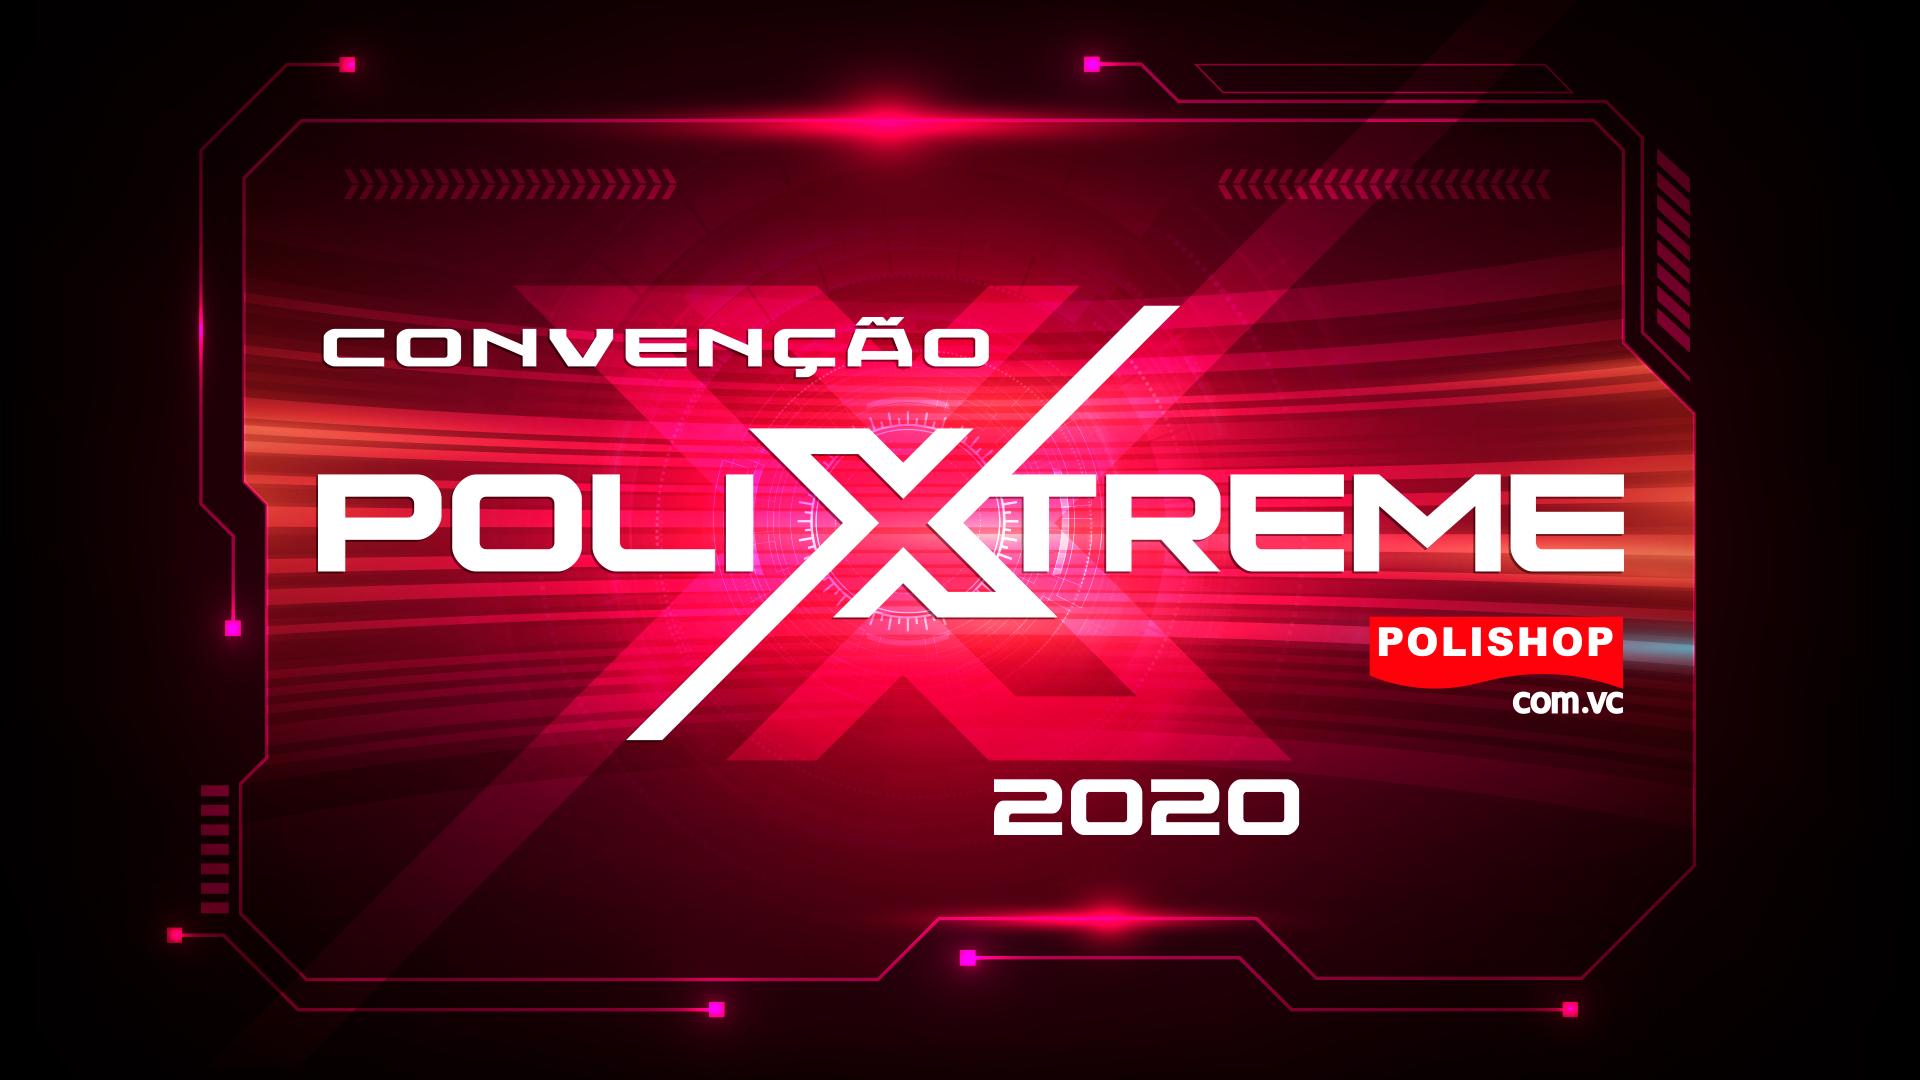 KV_POLIXTREME_Convencao